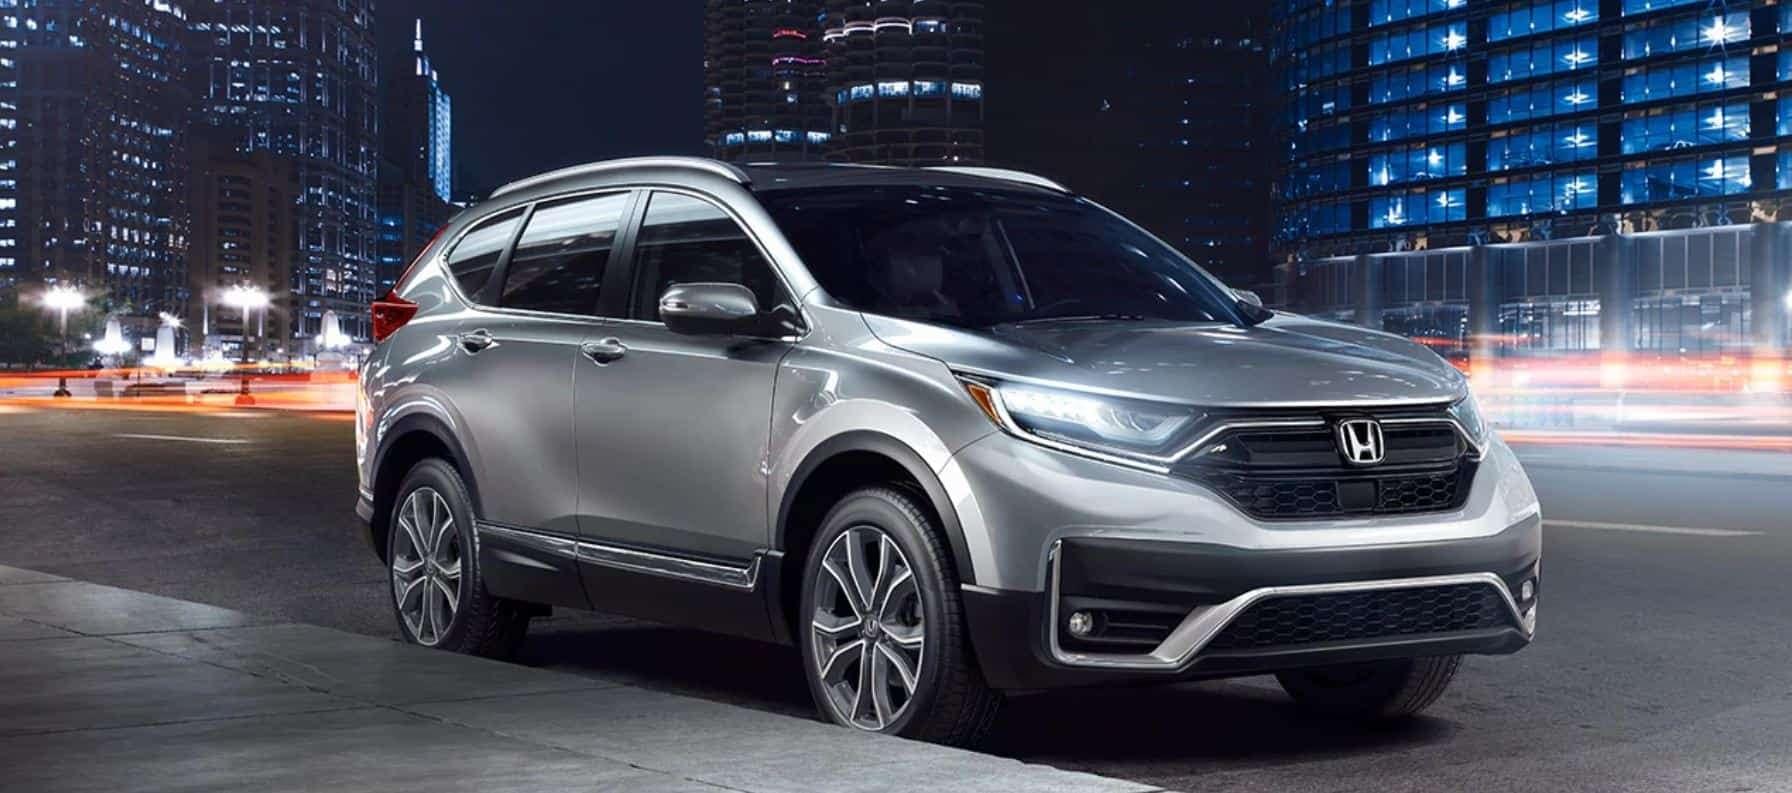 2020 Honda CR-V Lease Deals in Brooklyn NY